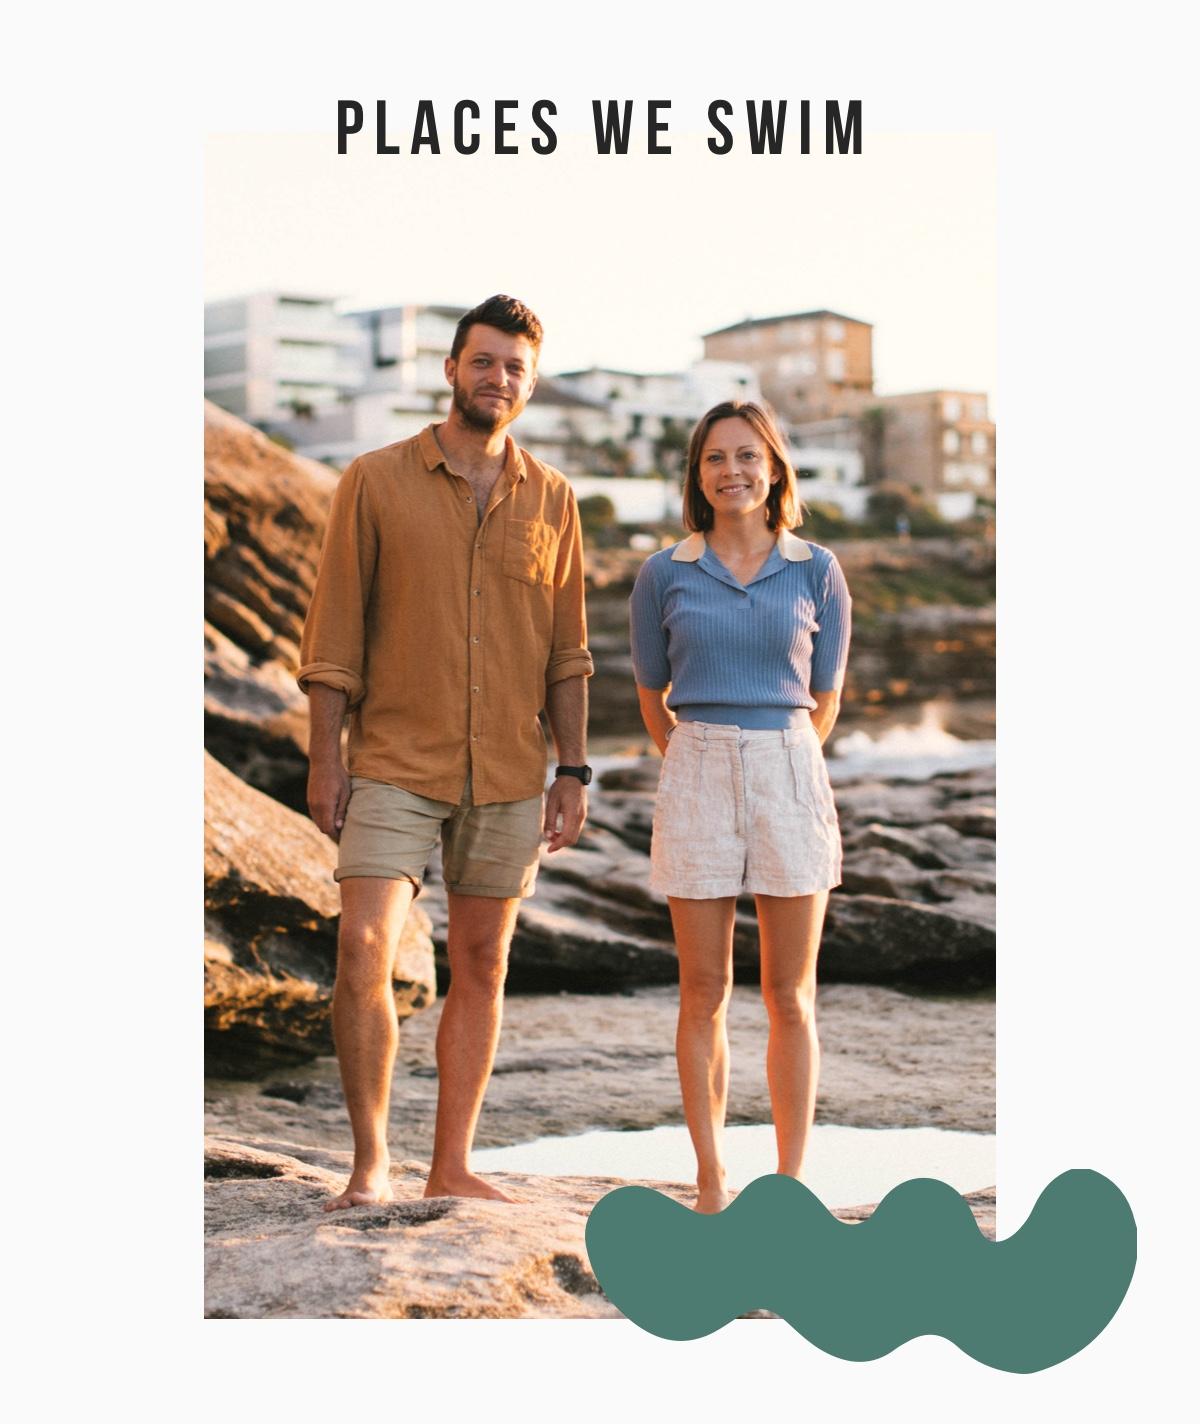 placesweswim-testimonial-ethical-design-agency-bondi-byron-bay-sydney-melbourne-sustainable-travel.jpg